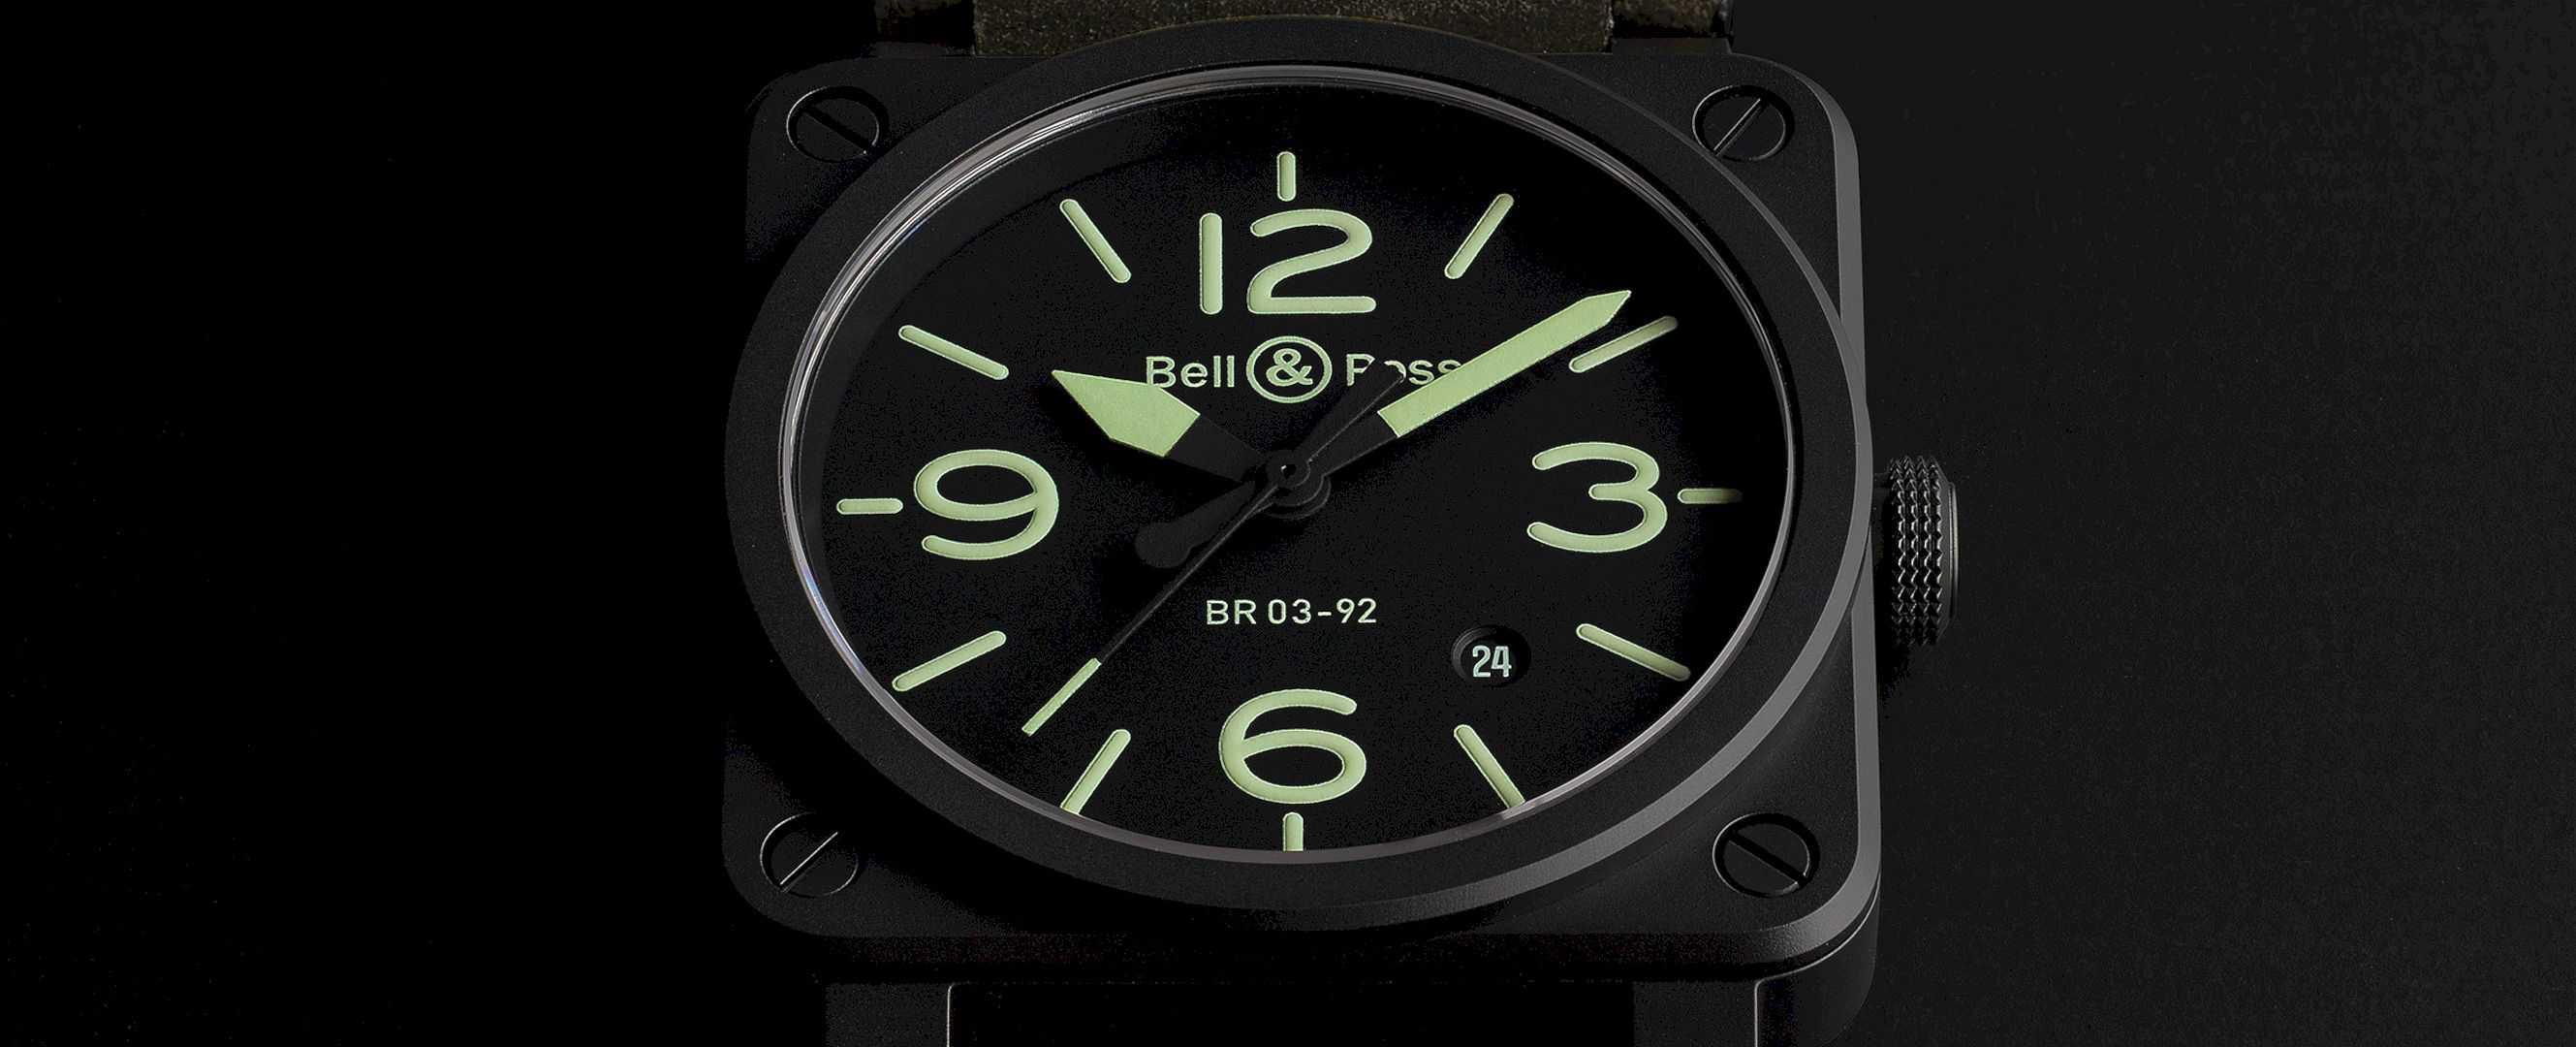 BR 03 92 NIGHTLUMr Watch 2